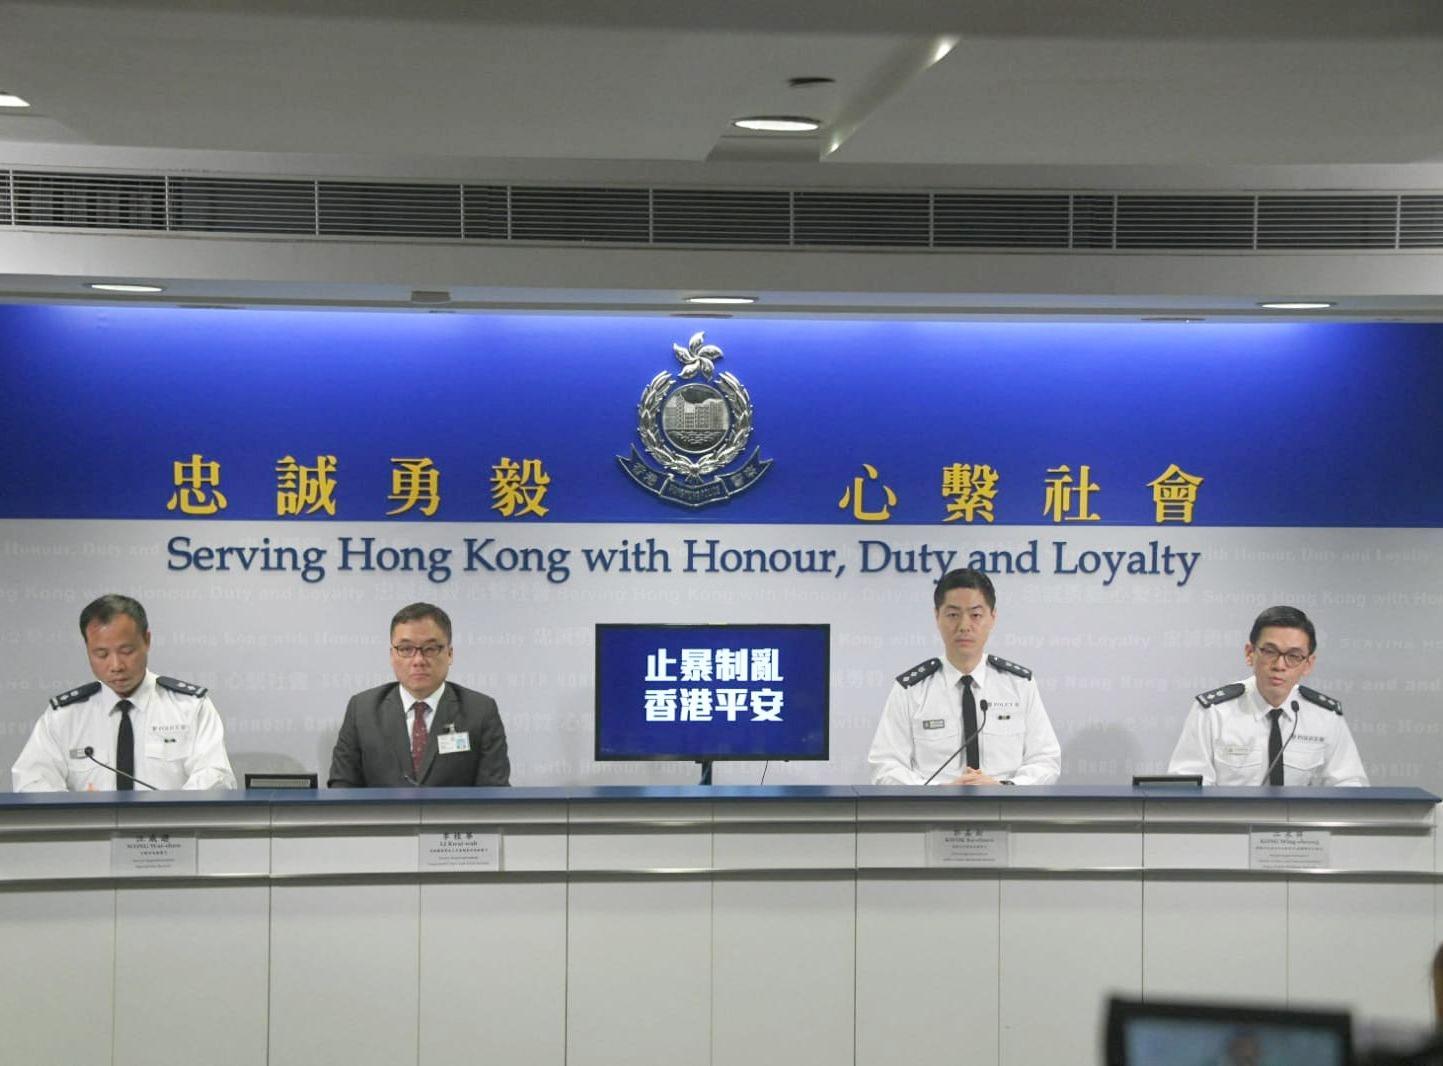 香港1名老师带6名学生私藏攻击性武器 港警:震惊